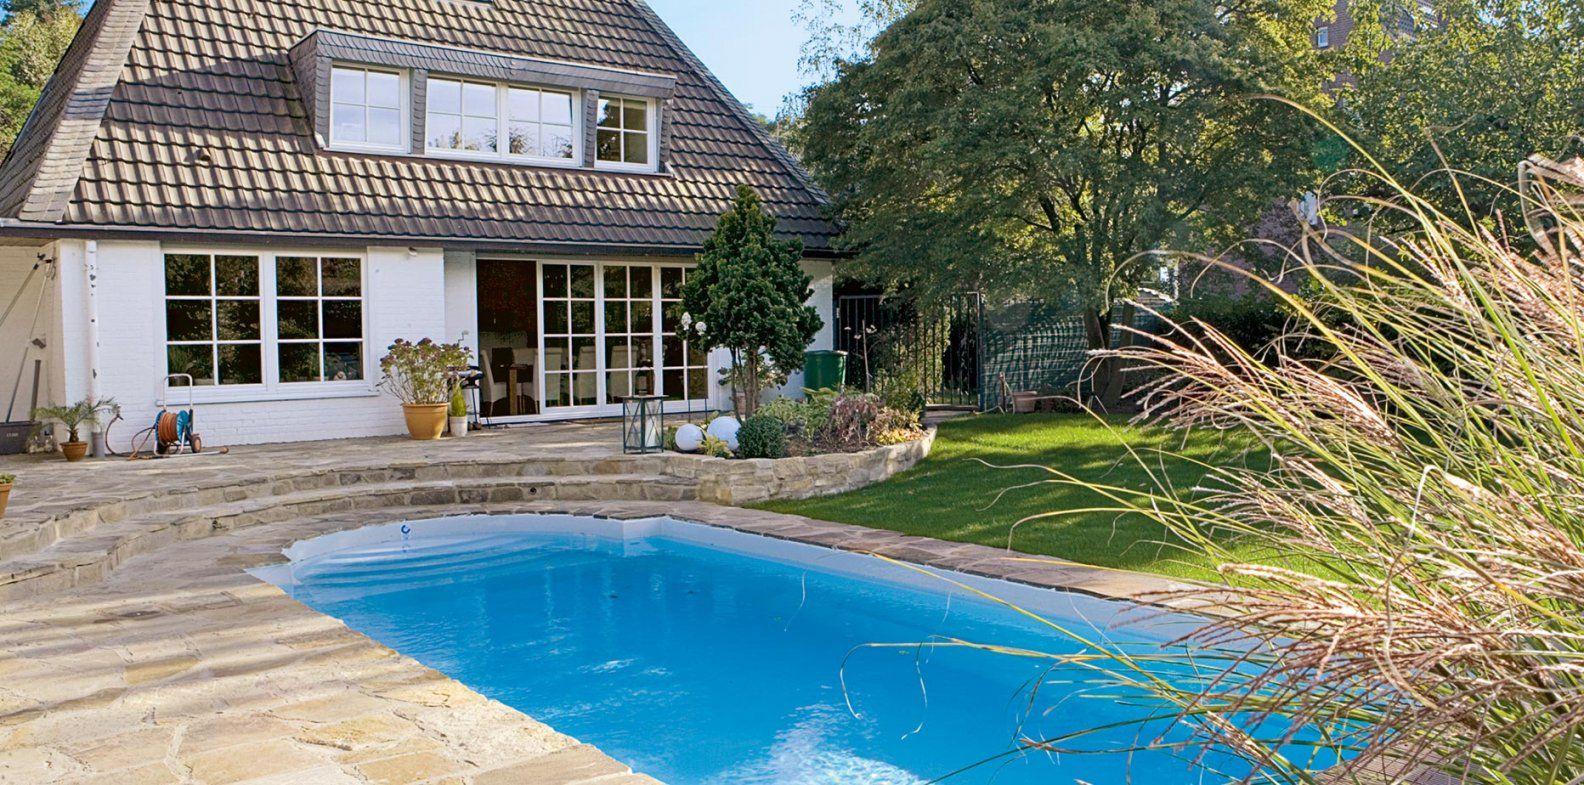 Grundausstattung Für Den Gartenpool  Wohnen von Pool Im Garten Integrieren Bild